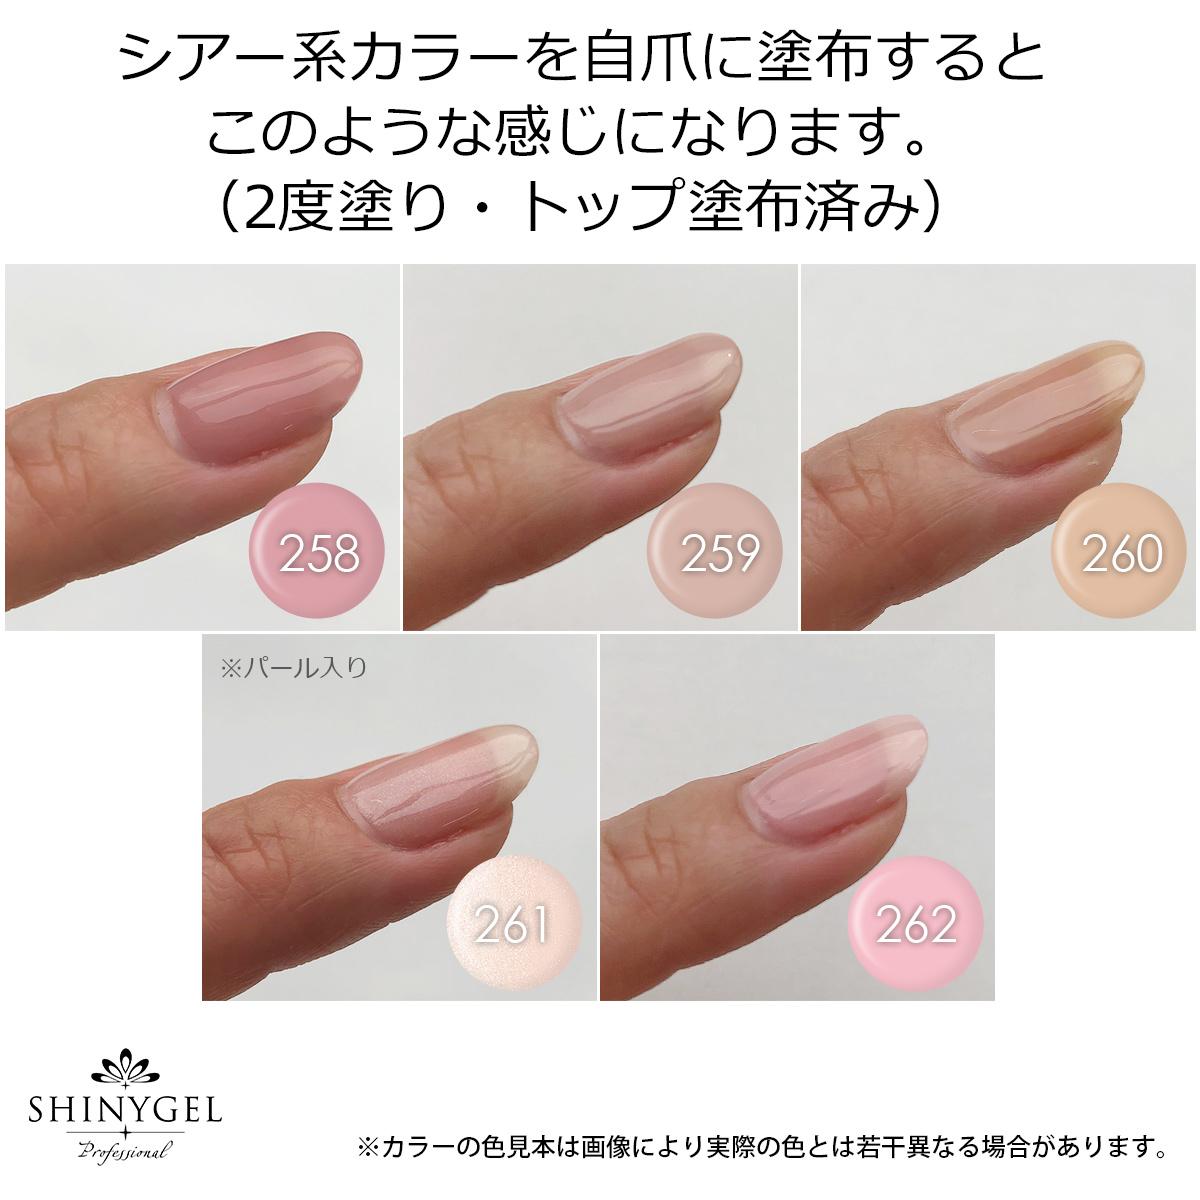 SHINYGEL Professional:カラージェル 262/フェルドスパー 4g (シャイニージェルプロフェッショナル)[UV/LED対応○](JNA検定対応)